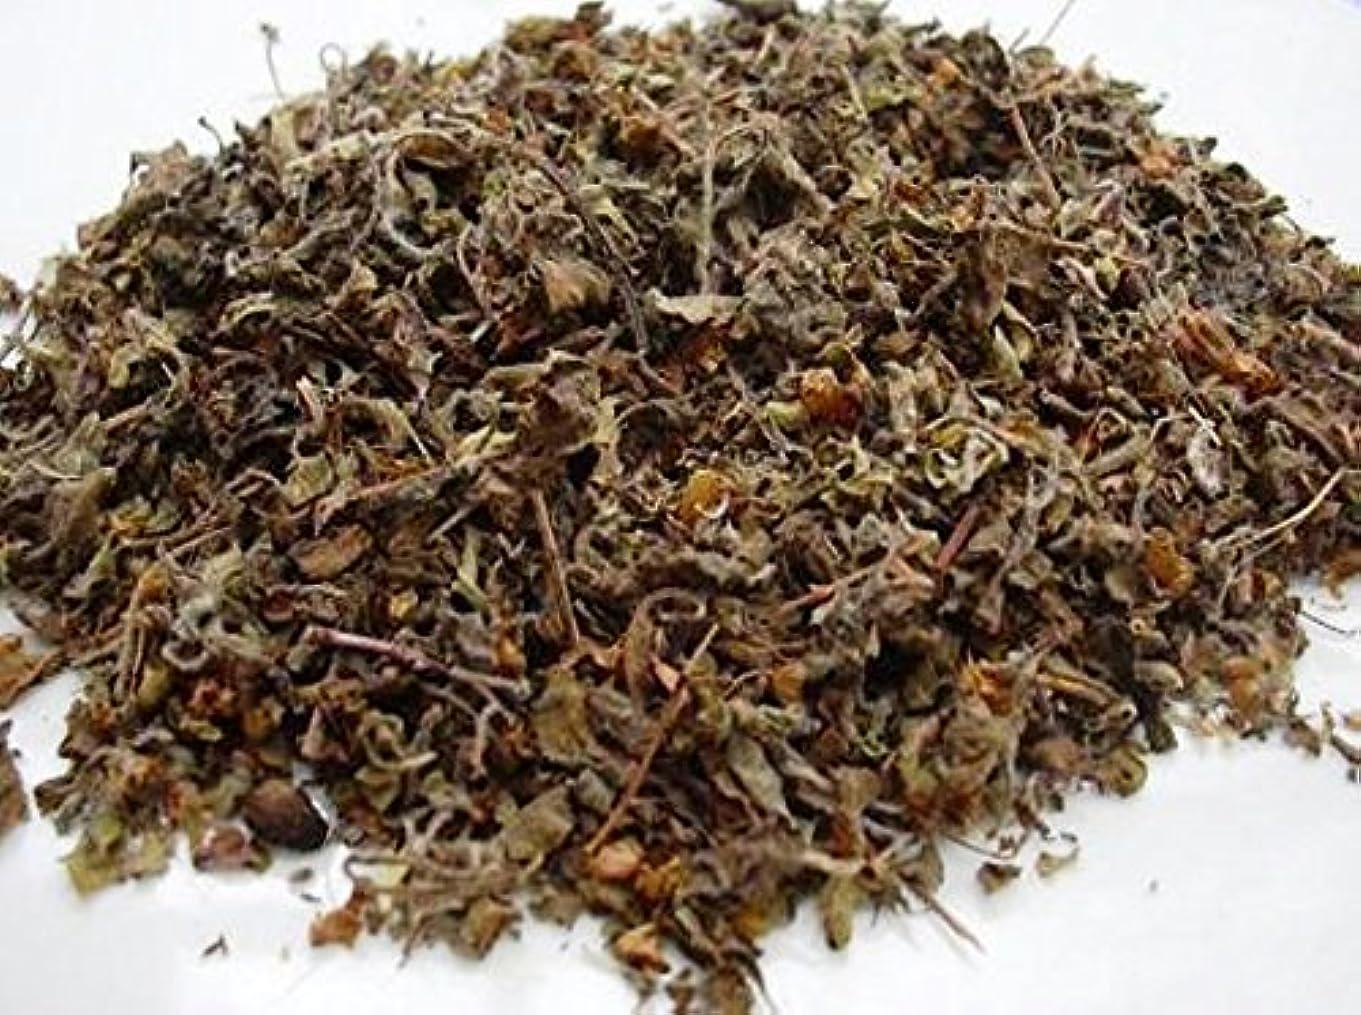 舗装ブラウス移動するOrganic Dried Tulsi Leaves(Holy Basil) (100gm/3.53oz)